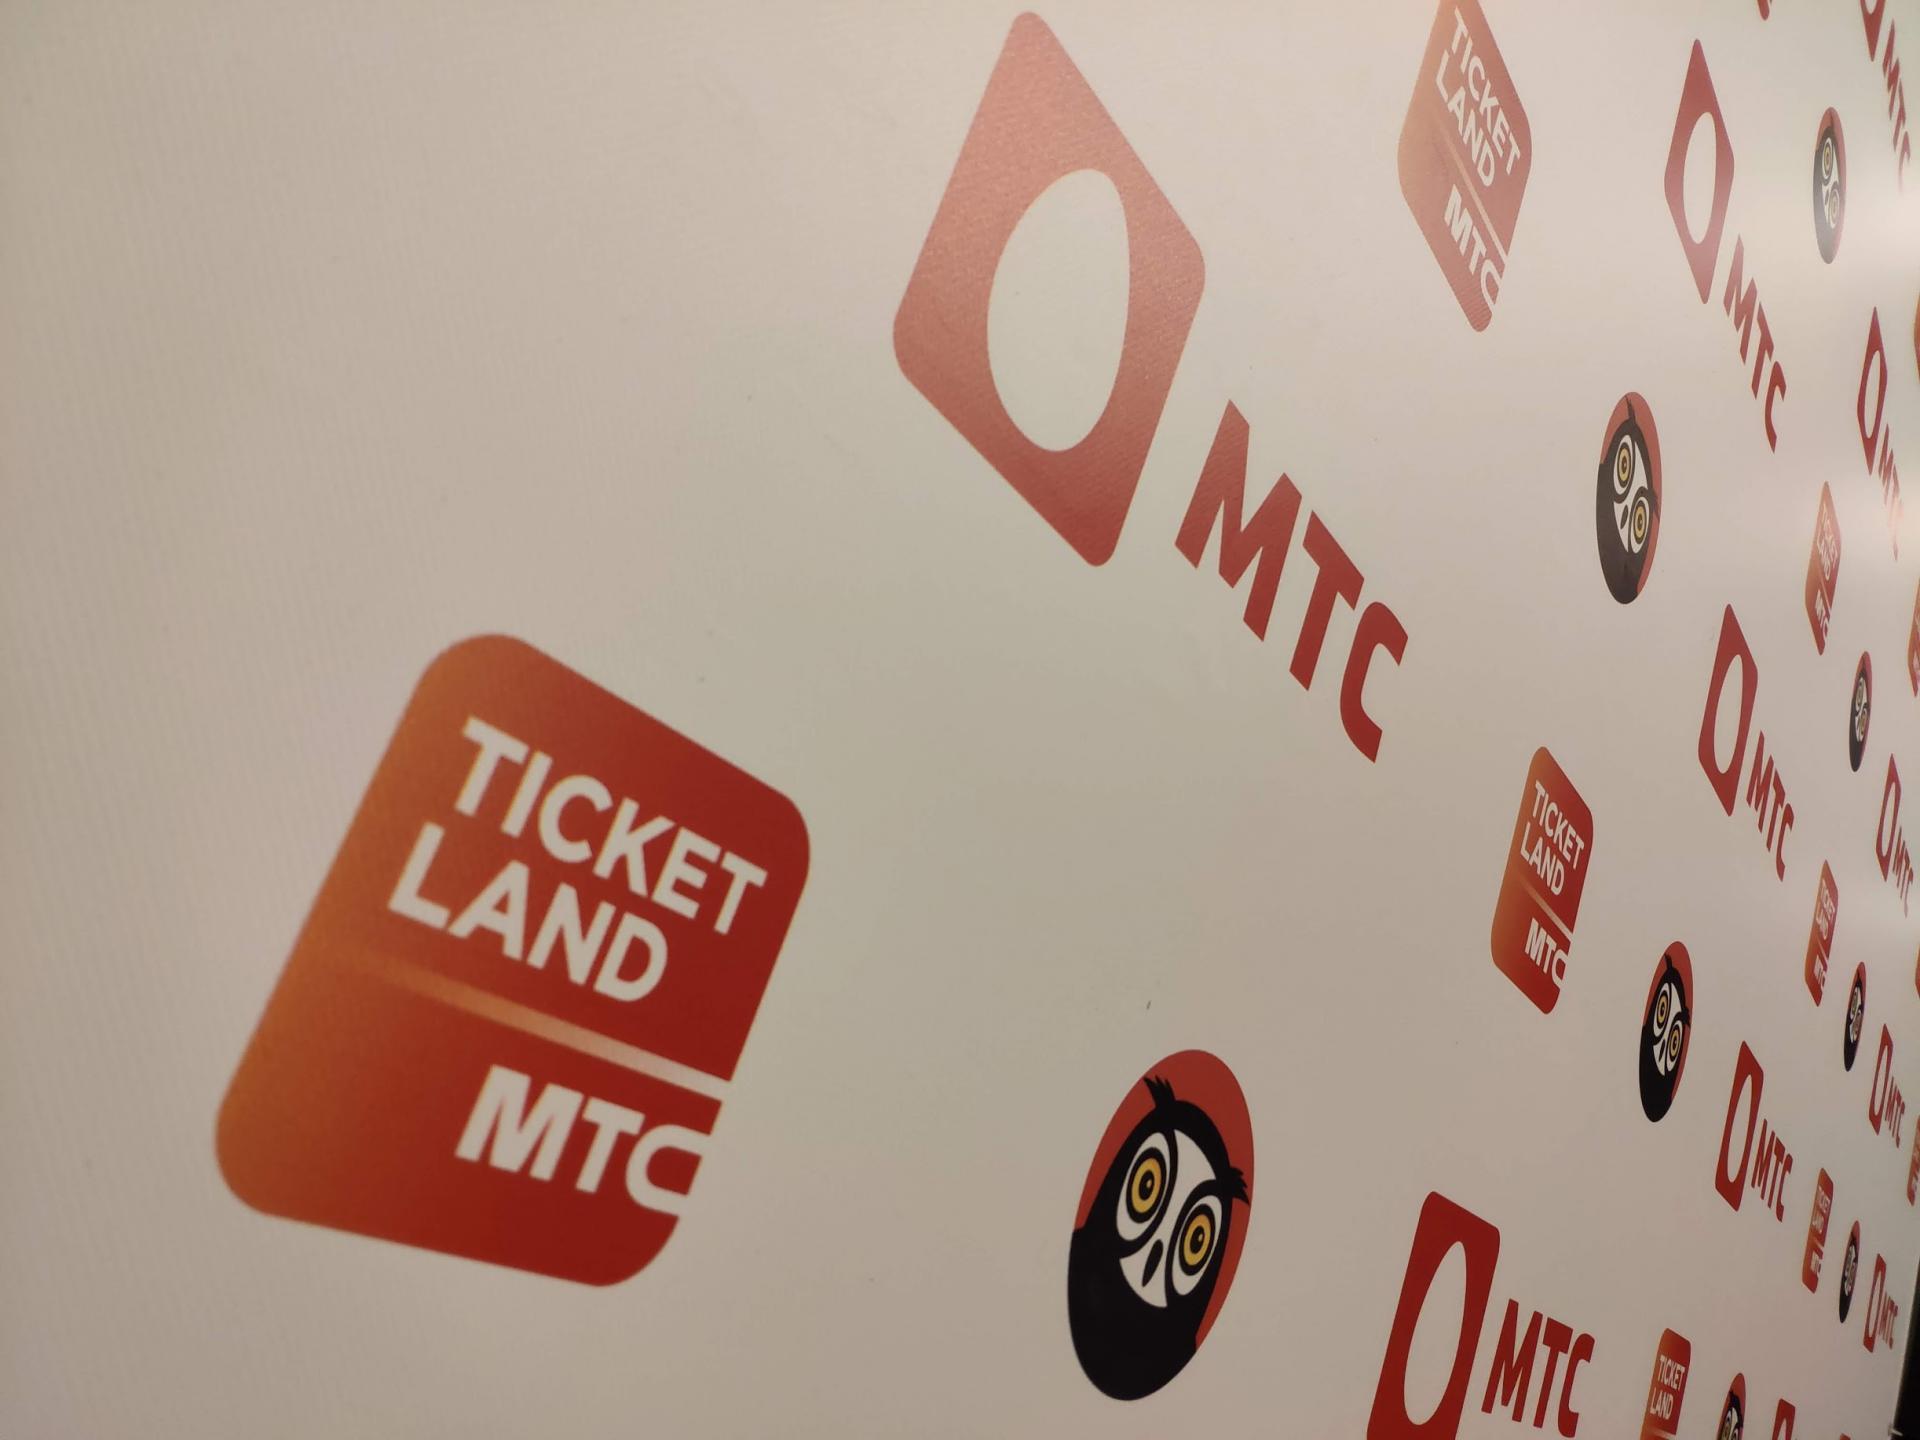 МТС отменила сервисный сбор при покупке билетов намероприятияупартнёров